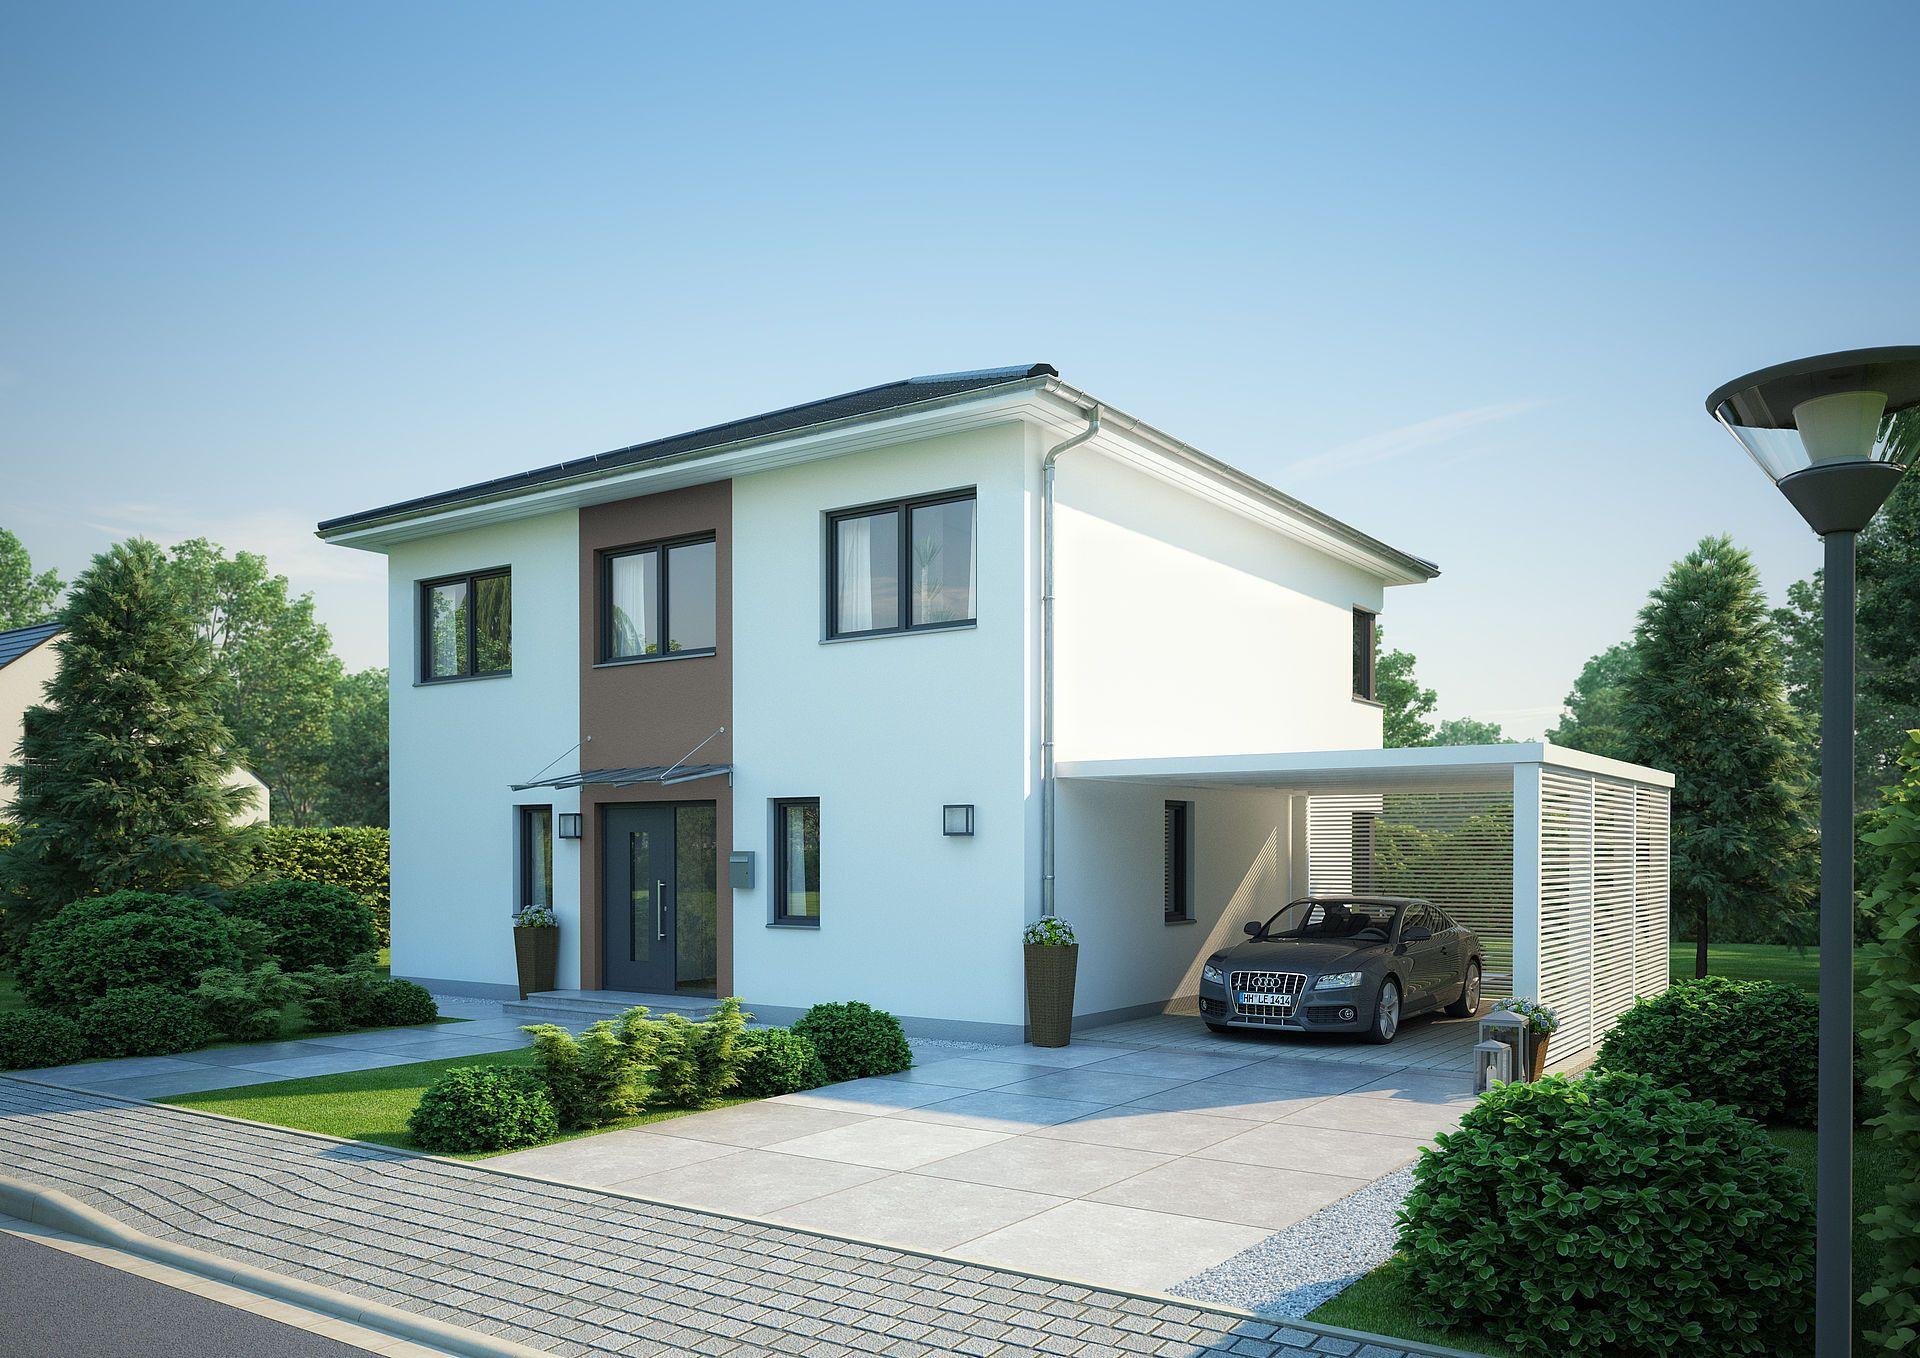 Zufahrt Und Eingangsbereich Stadtvilla Mit Carport In 2020 Stadtvilla Stadtvilla Bauen Haus